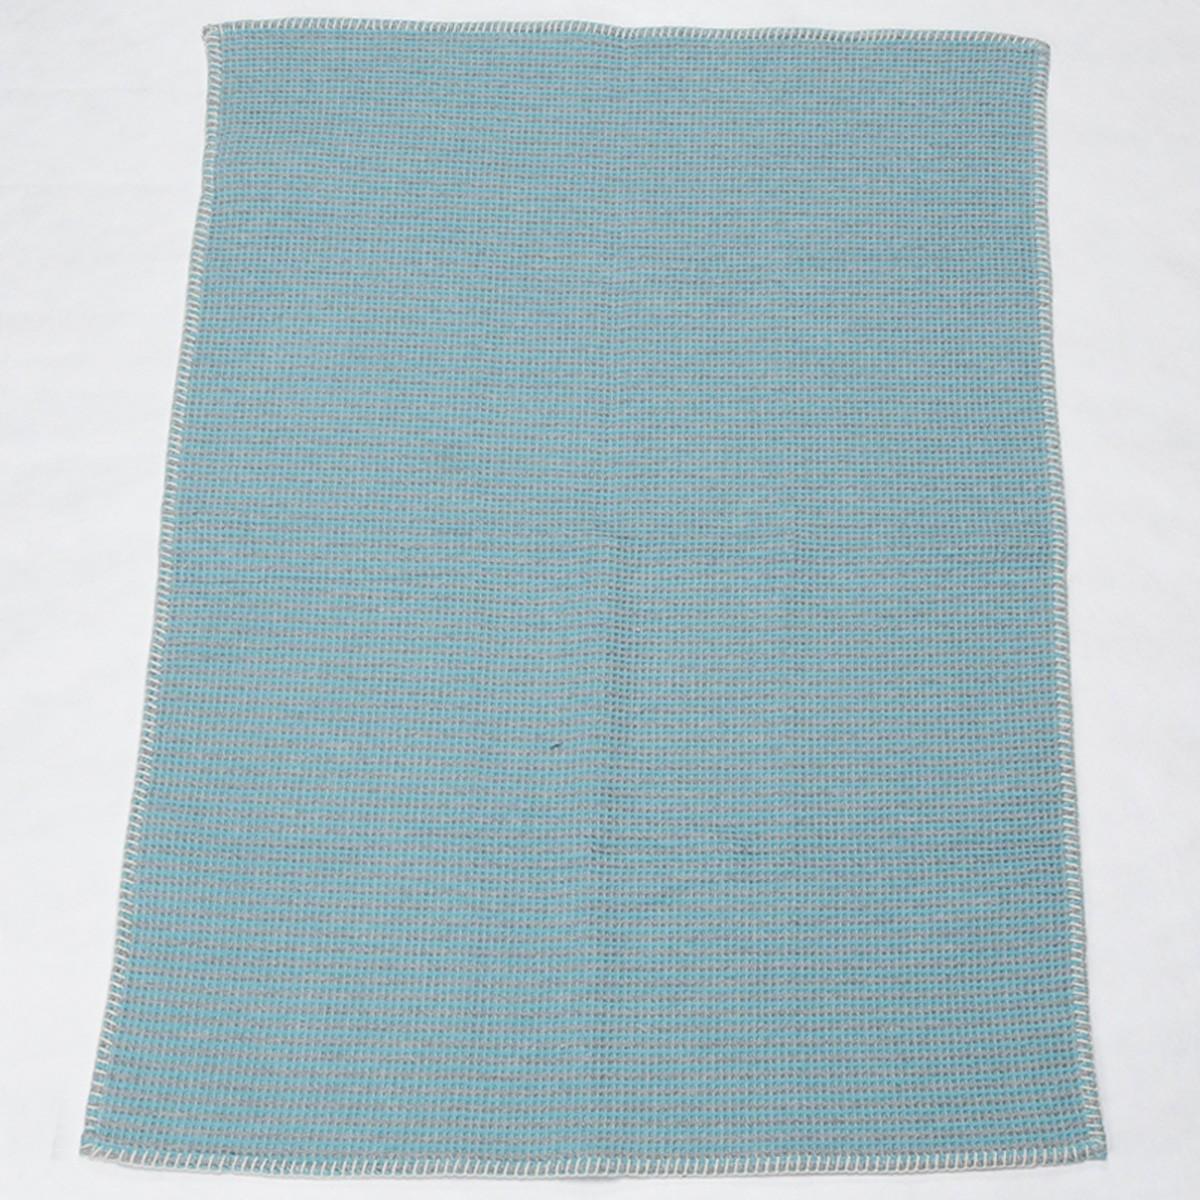 Κουβέρτα Fleece Αγκαλιάς David Fussenegger Lido 5005/57